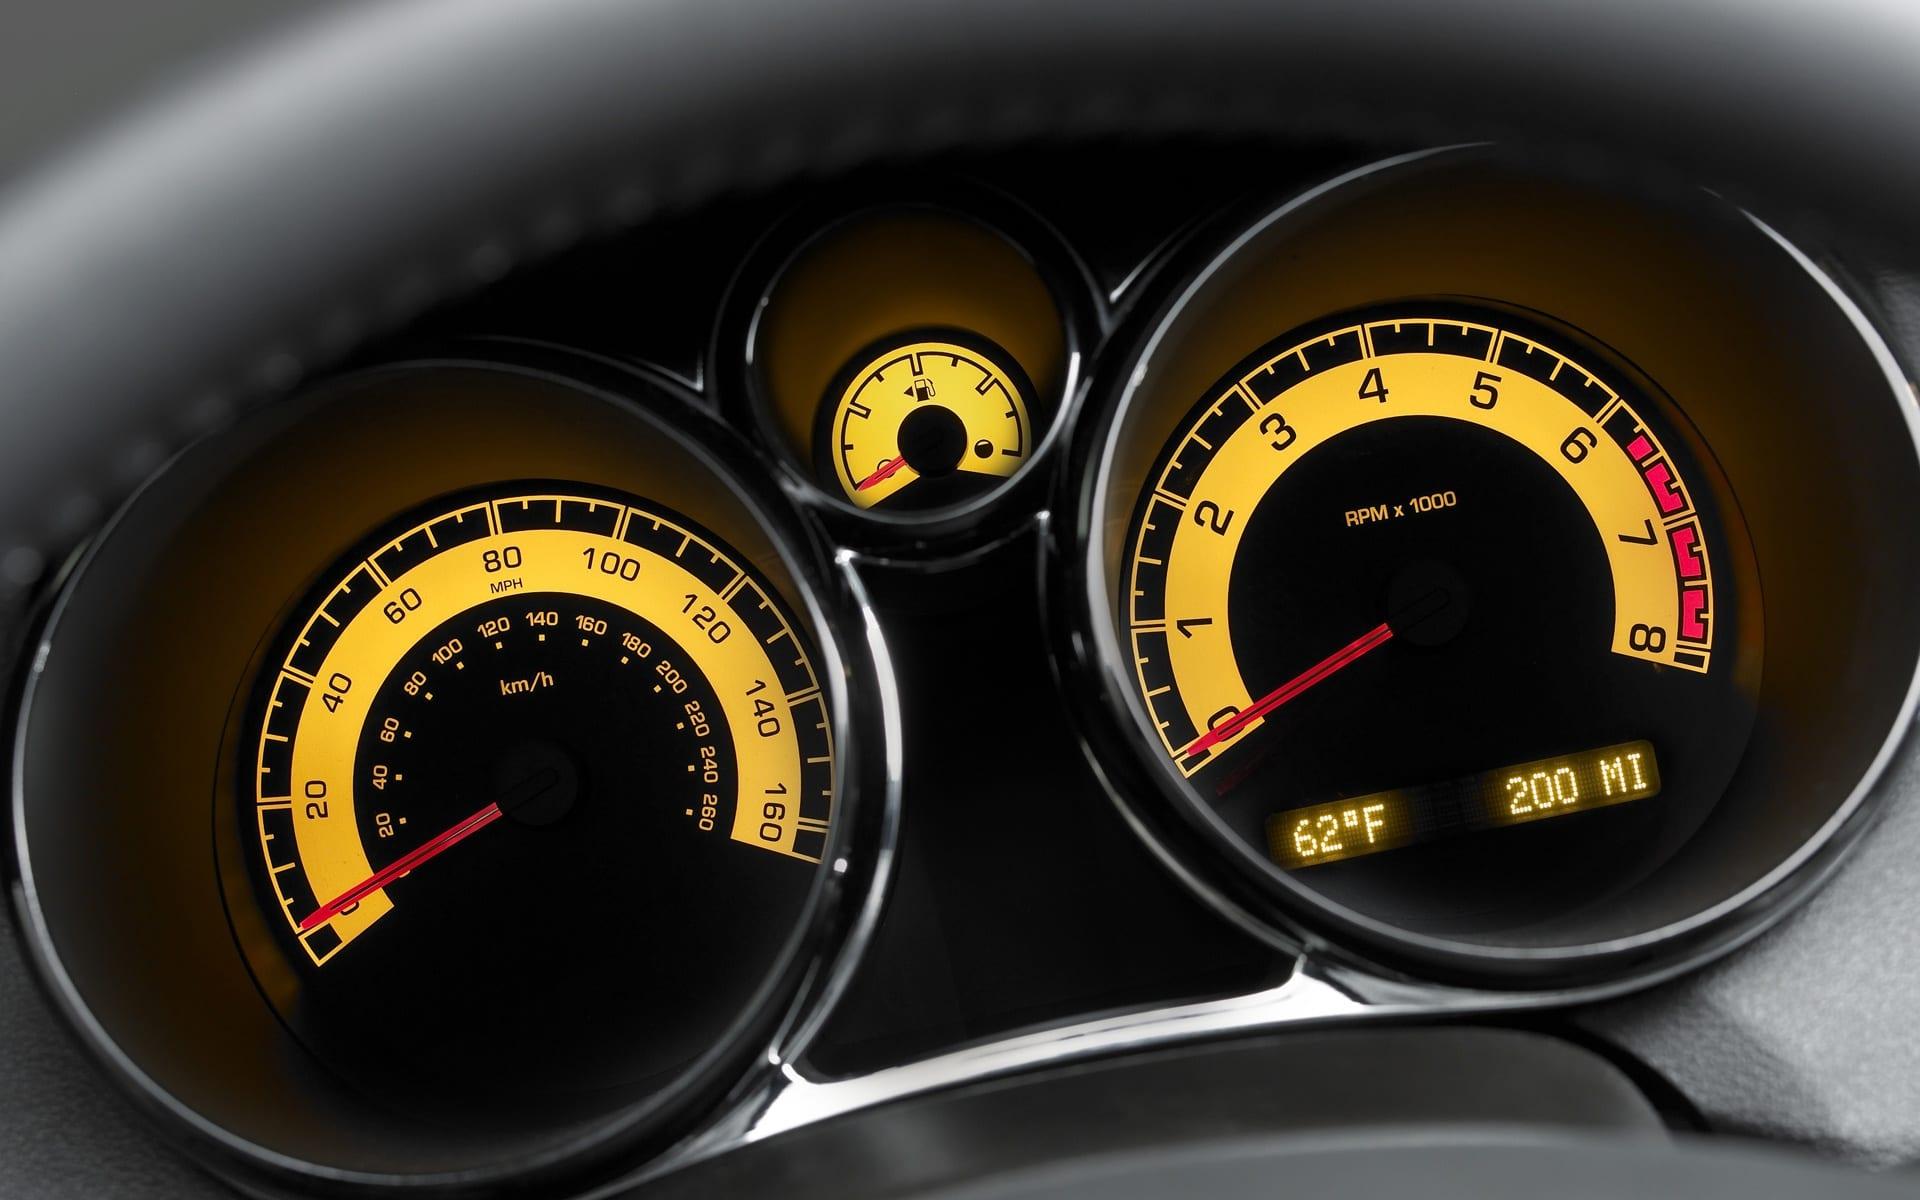 Saiba decifrar as luzes do painel de controle do carro